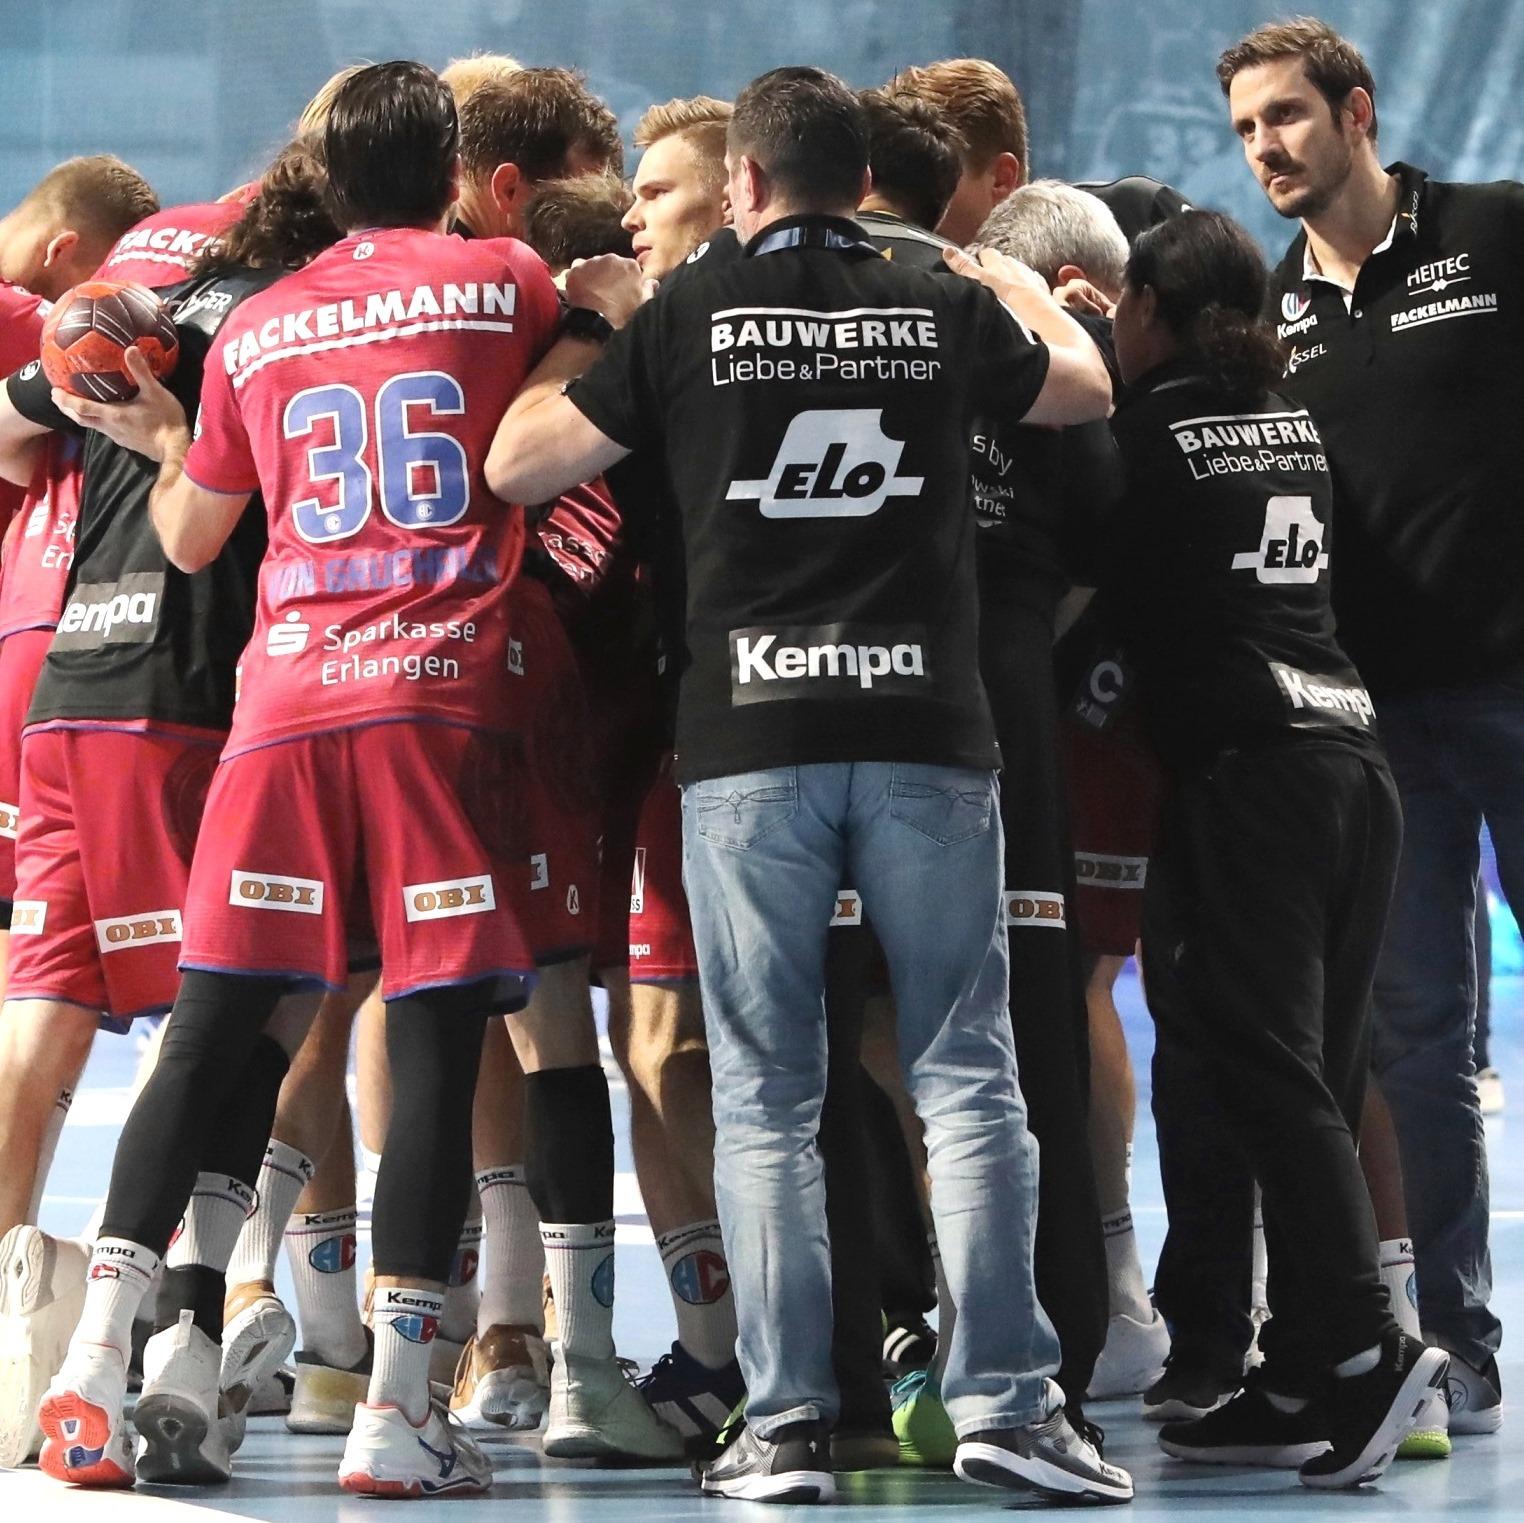 (#Jocki_Foto, Erlangen) - Handball-Bundesliga: Testspiele für den HC Erlangen terminiert